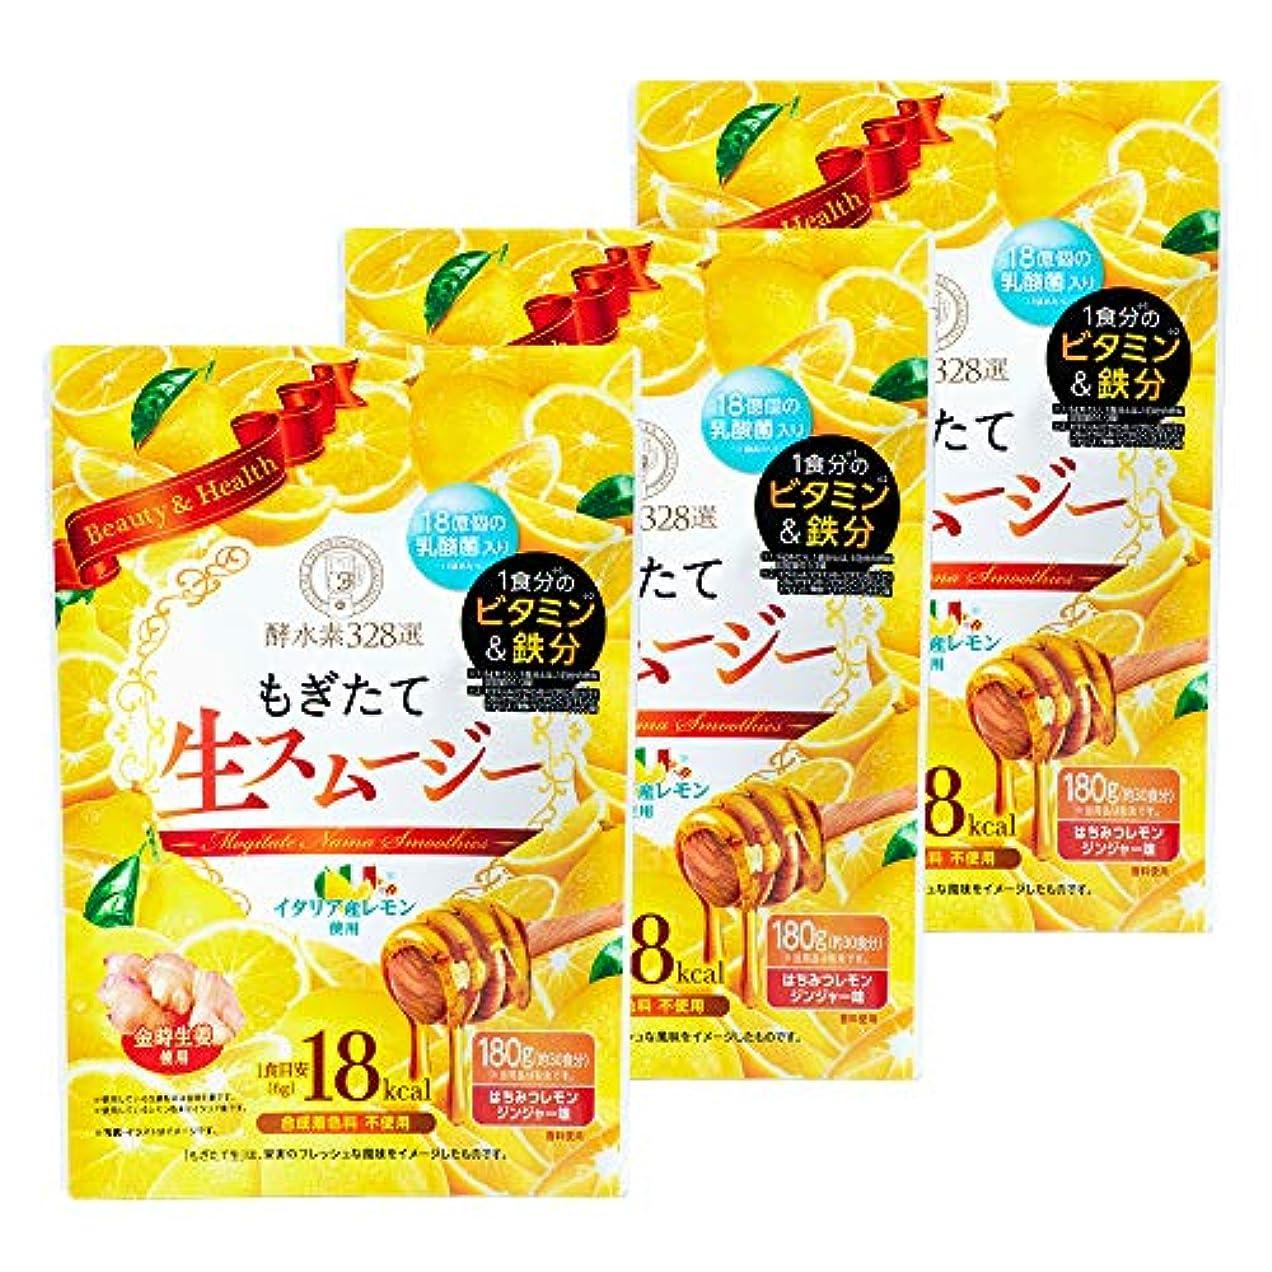 囲い思い出すレザー【公式】酵水素328選 もぎたて生スムージー 3袋セット (はちみつレモンジンジャー味)